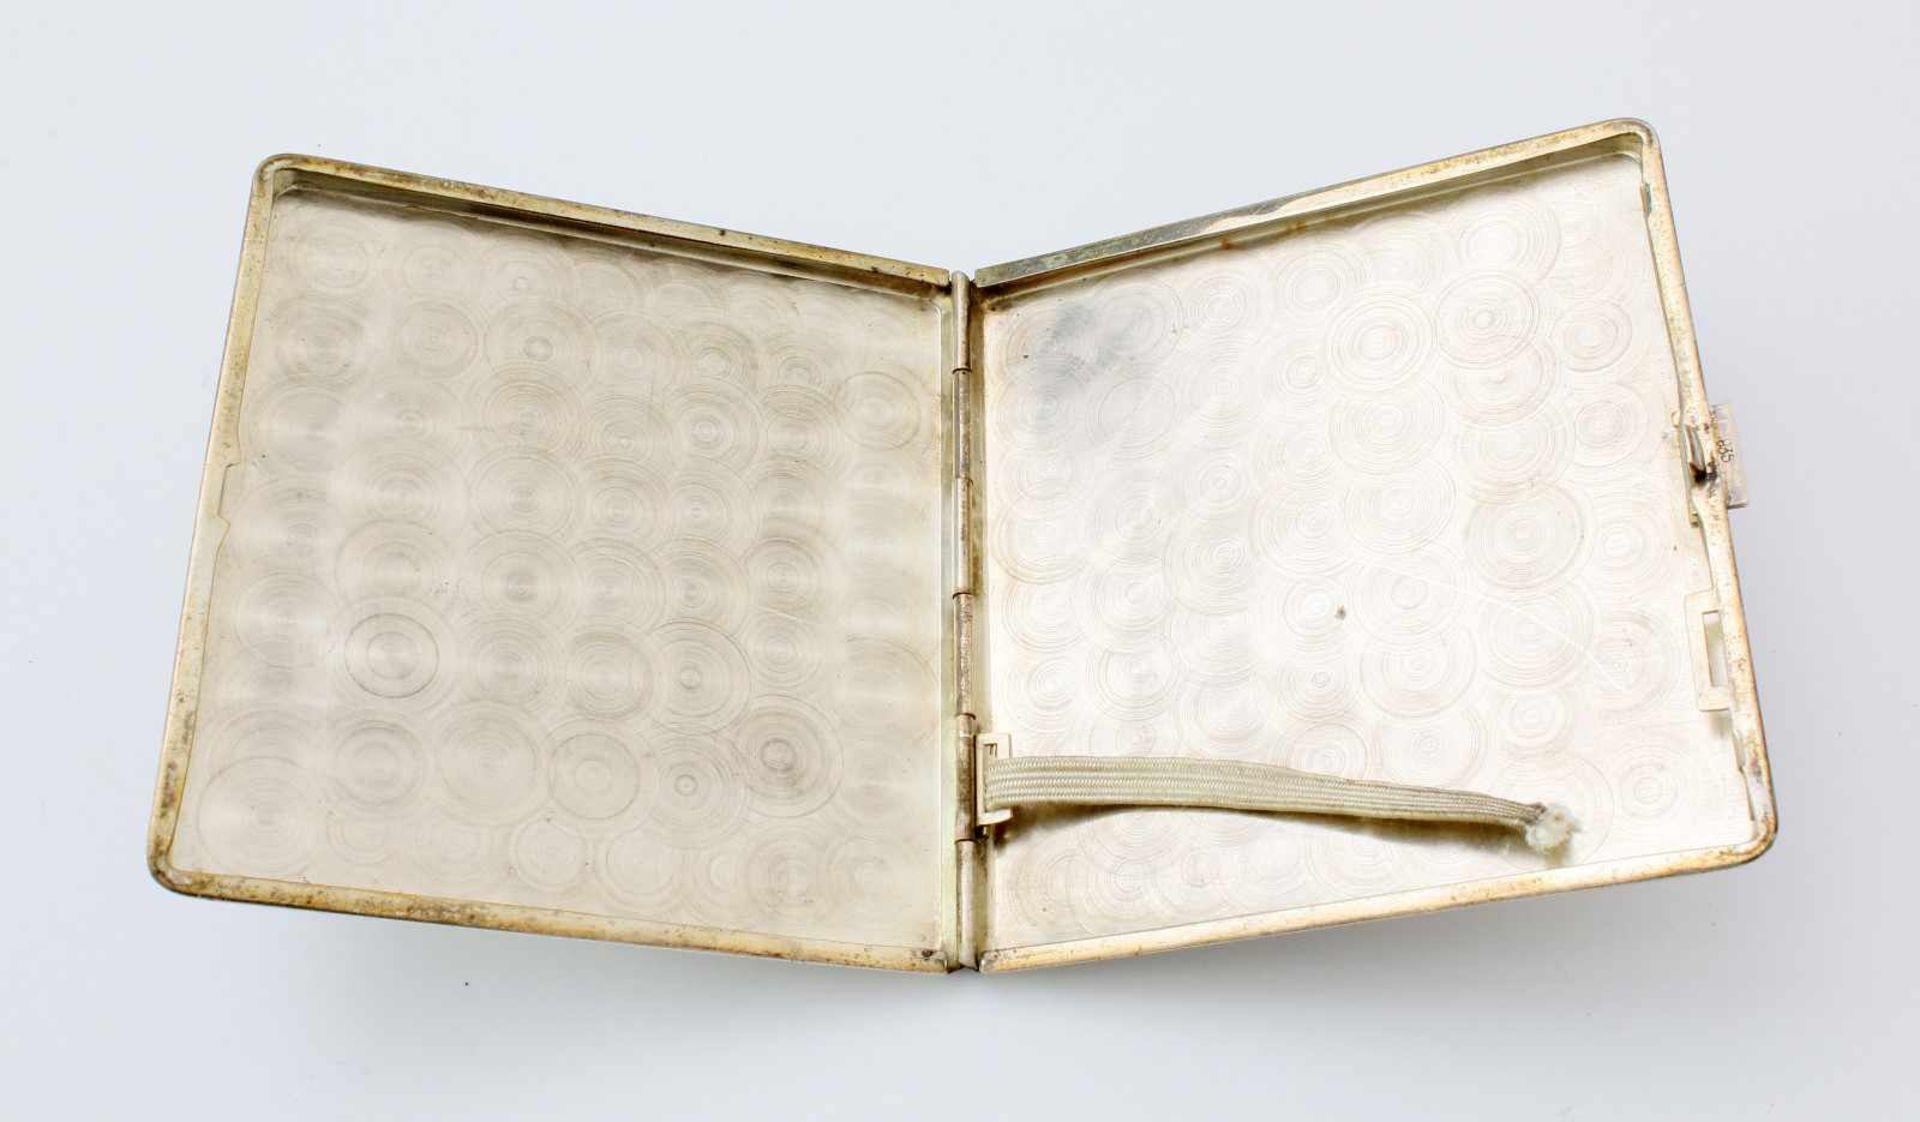 Silbernes Zigarettenetui und ZigarettenspitzeOberseite fein wellenguillochiert, Rückseite - Bild 2 aus 2